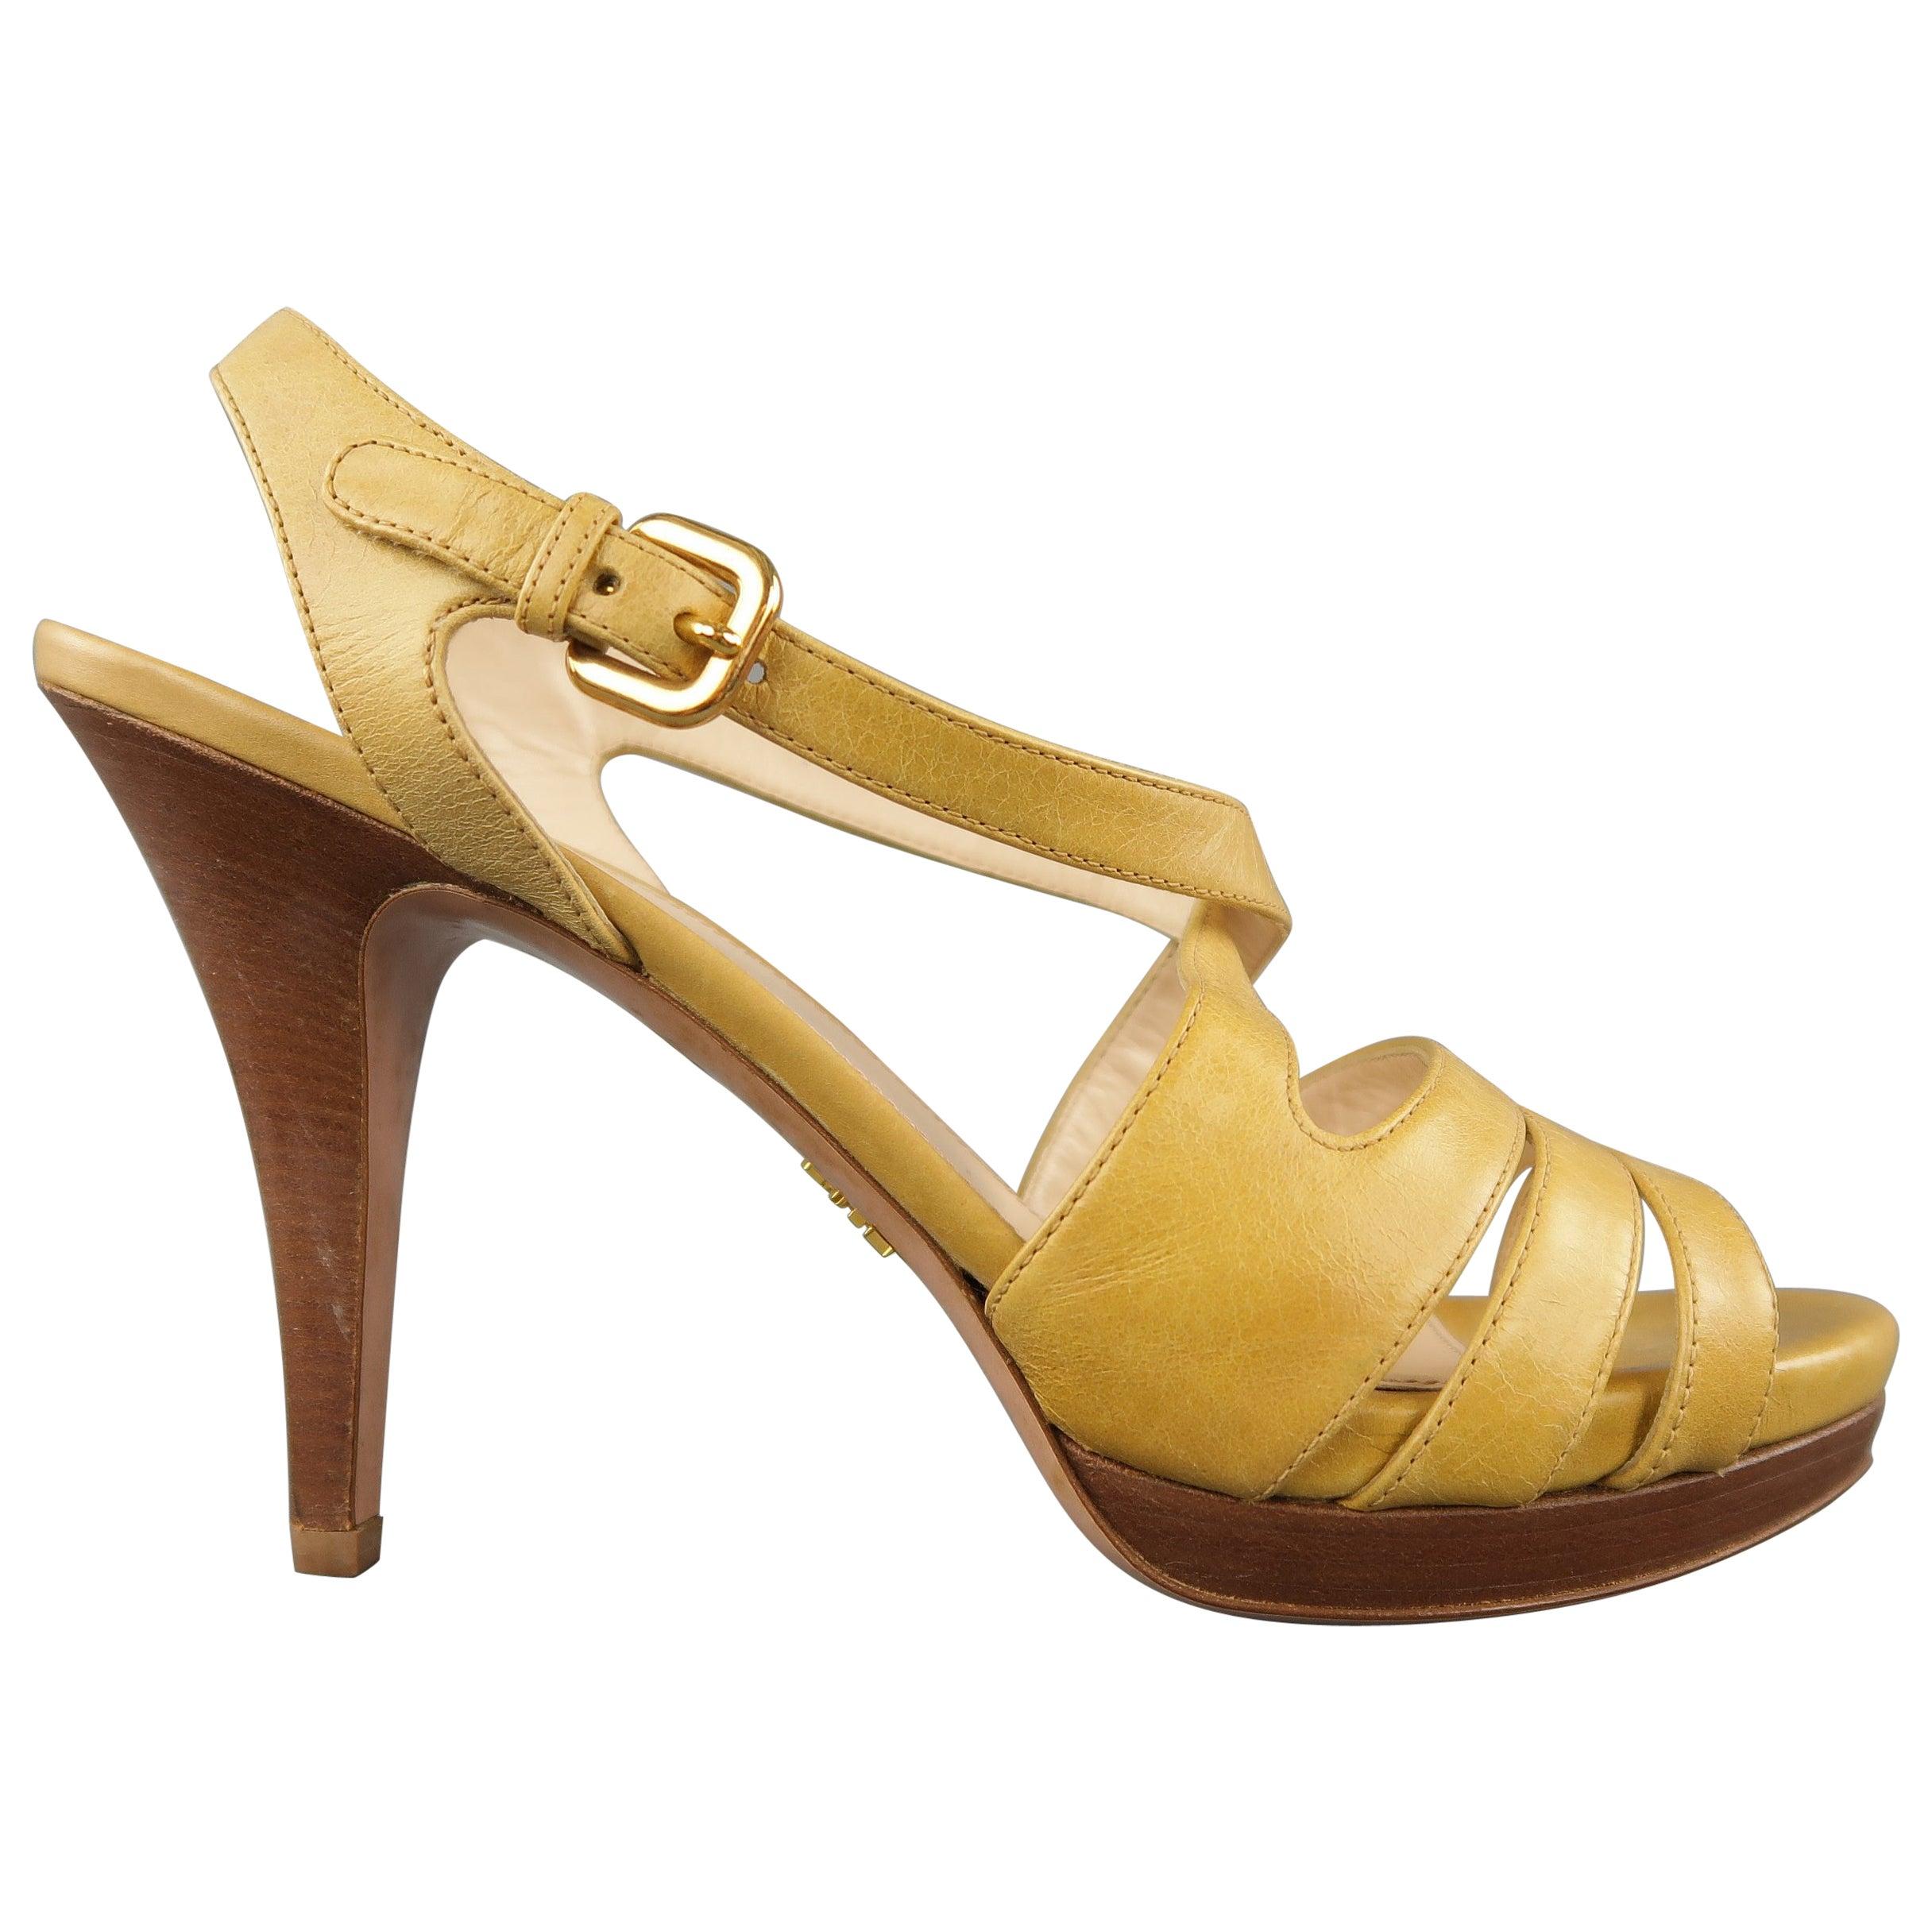 ff5a89217b75 PRADA Size 10 Beige Leather Ankle Strap Platform Heels Sandals For Sale at  1stdibs